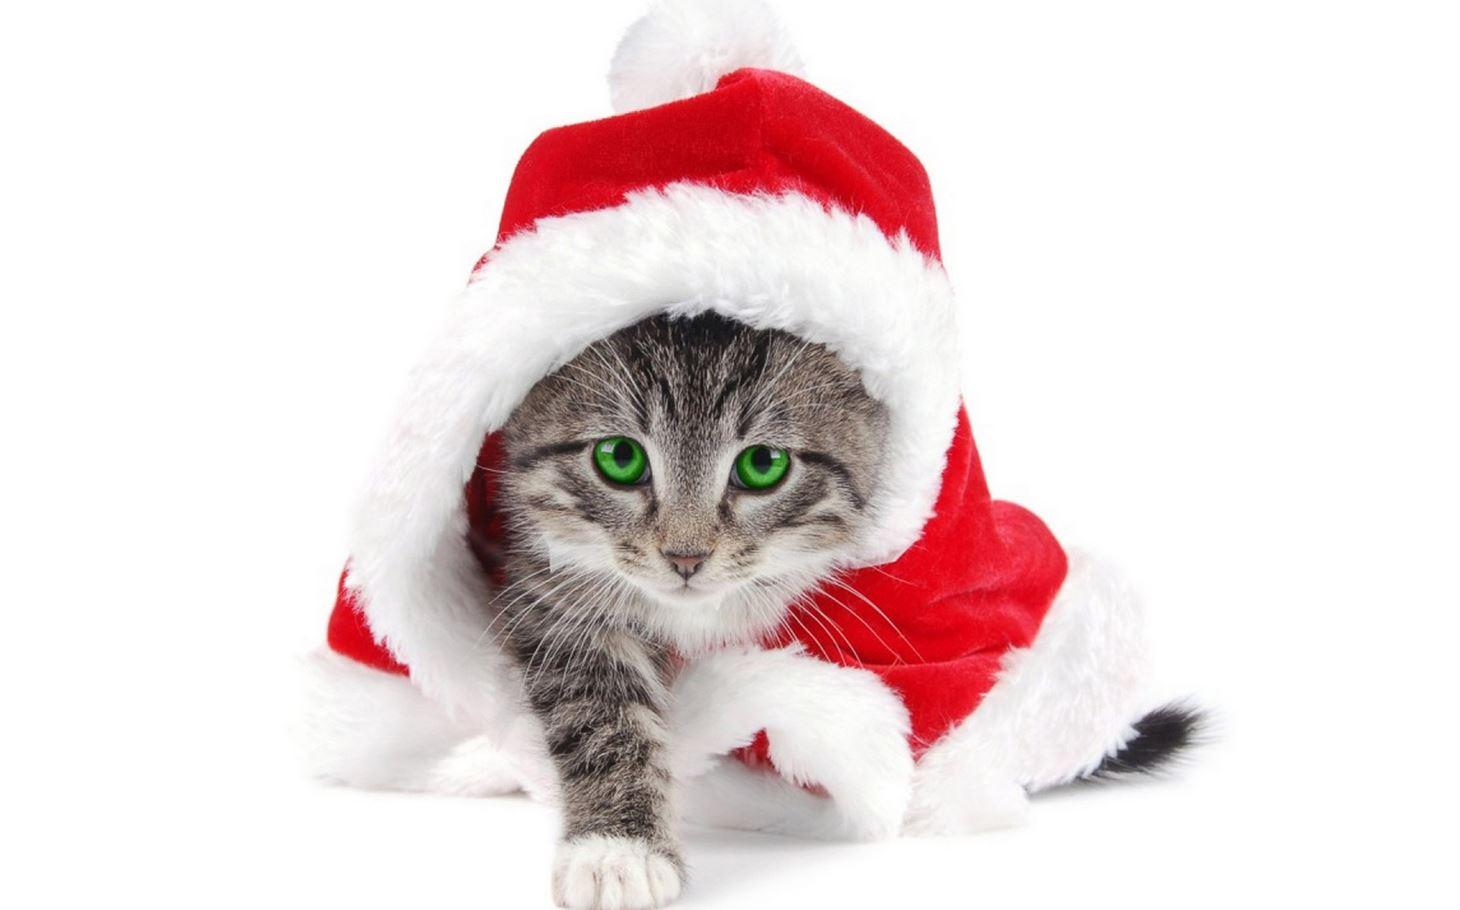 Le chat déguisé en père Noël : trop chou !